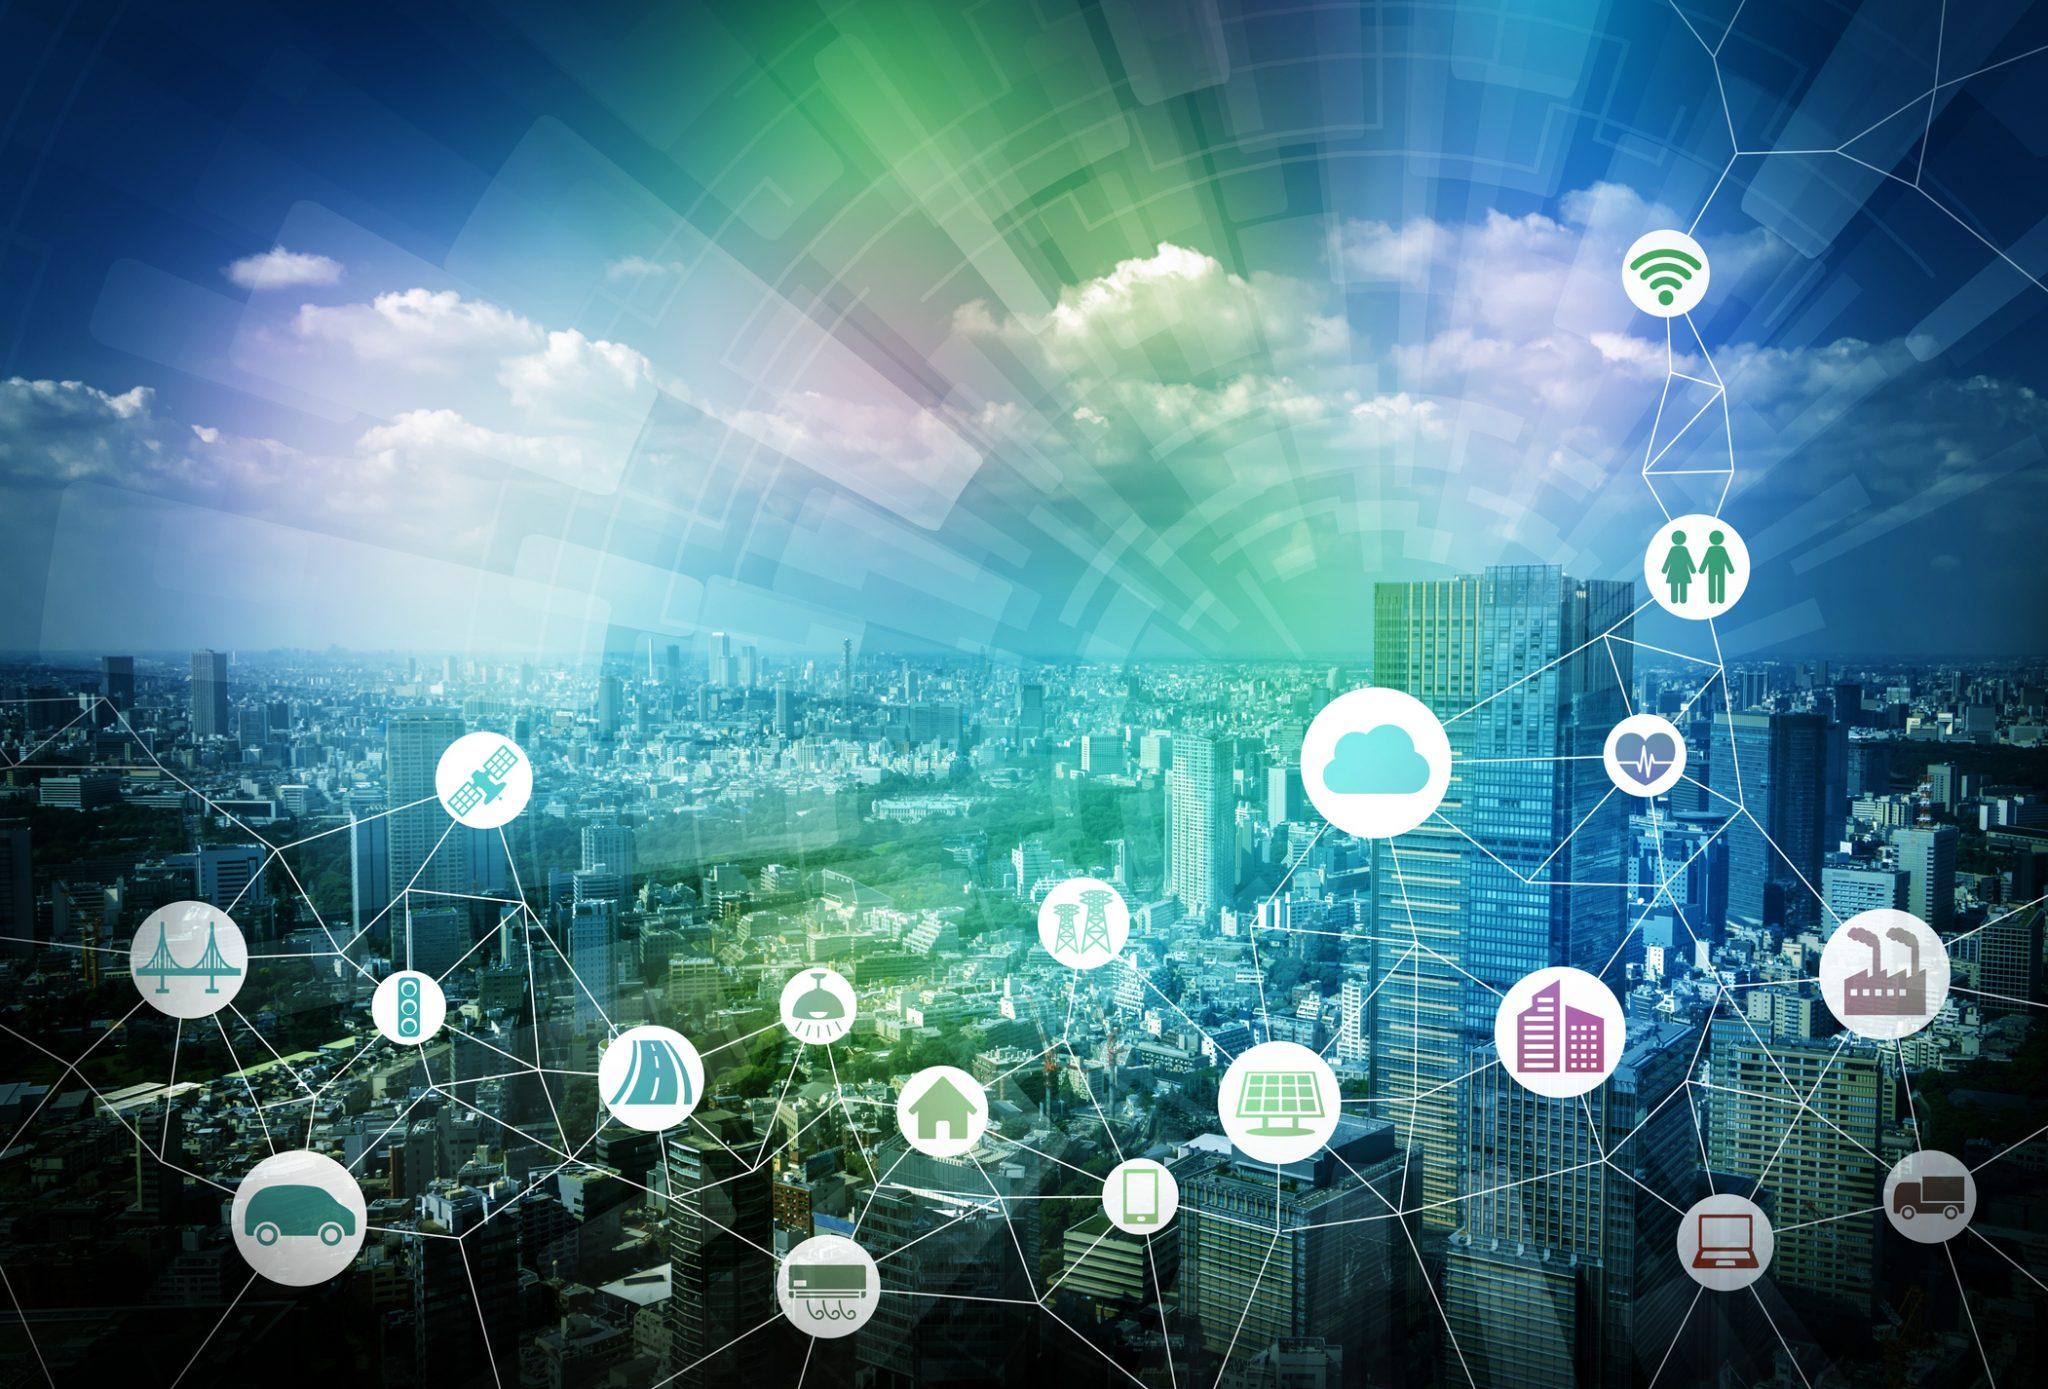 百度推出新平台度能,马杰表示数字时代物联网会让世界更智能